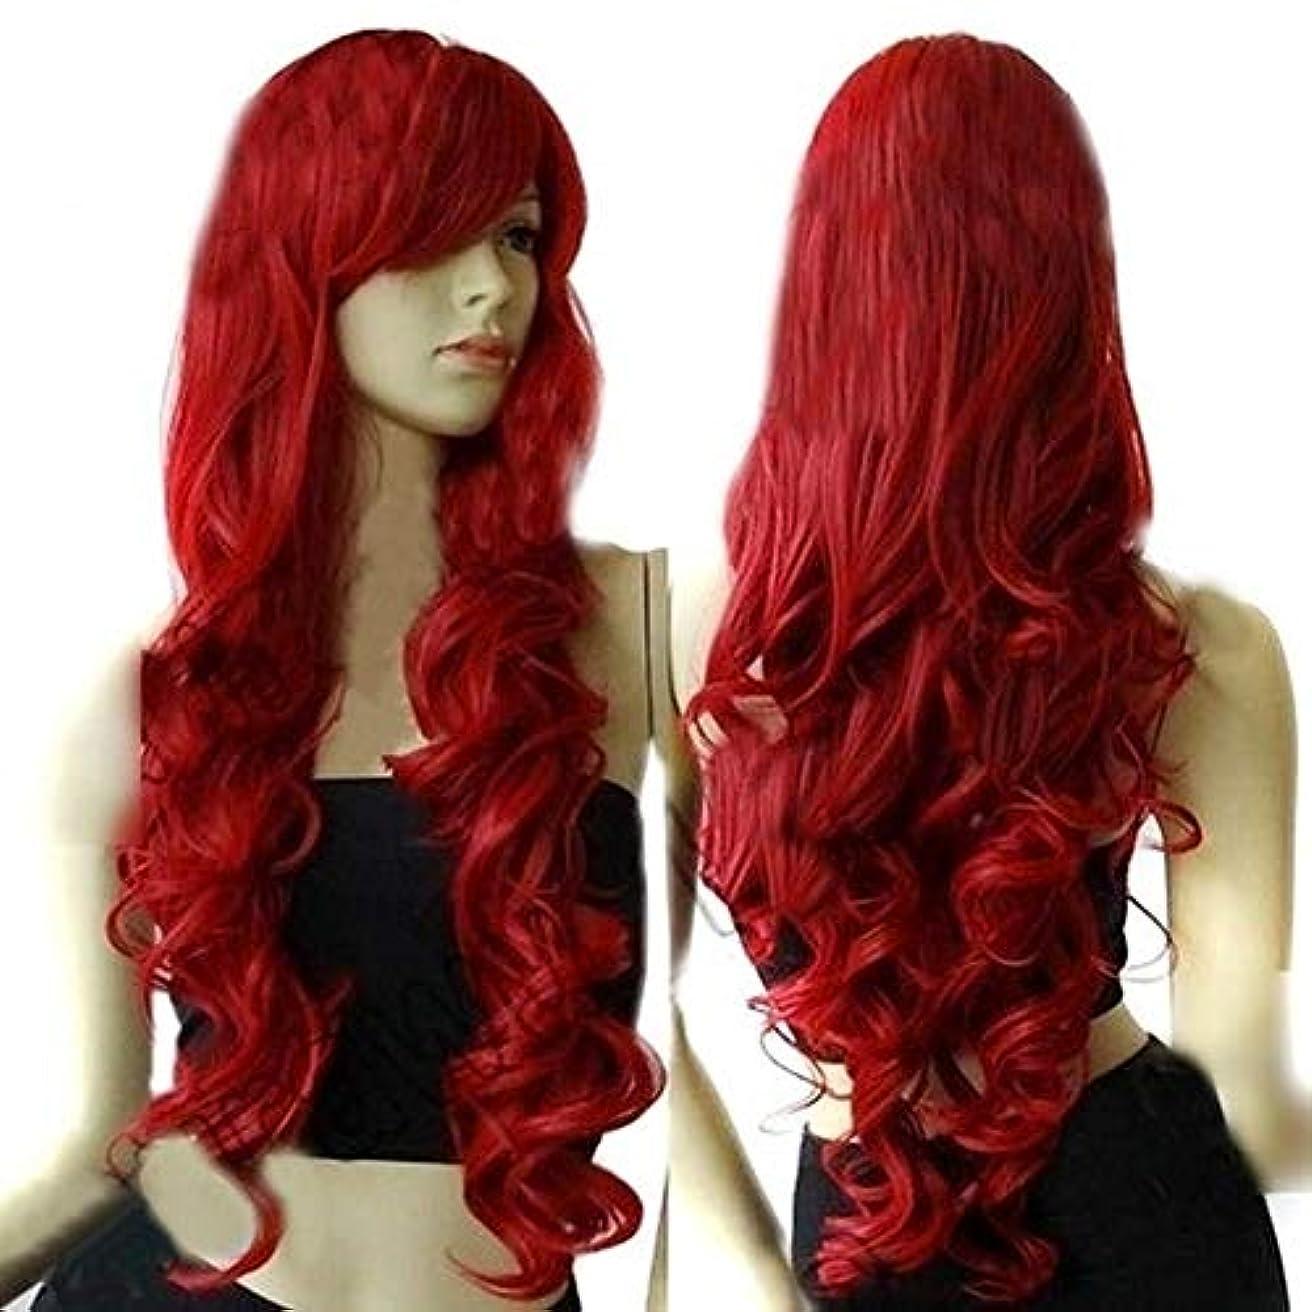 醸造所累計真っ逆さまslQinjiansav女性ウィッグ修理ツールファッション女性ロングカーリーワイン赤ウィッグコスプレパーティーヘアピースヘアエクステンション